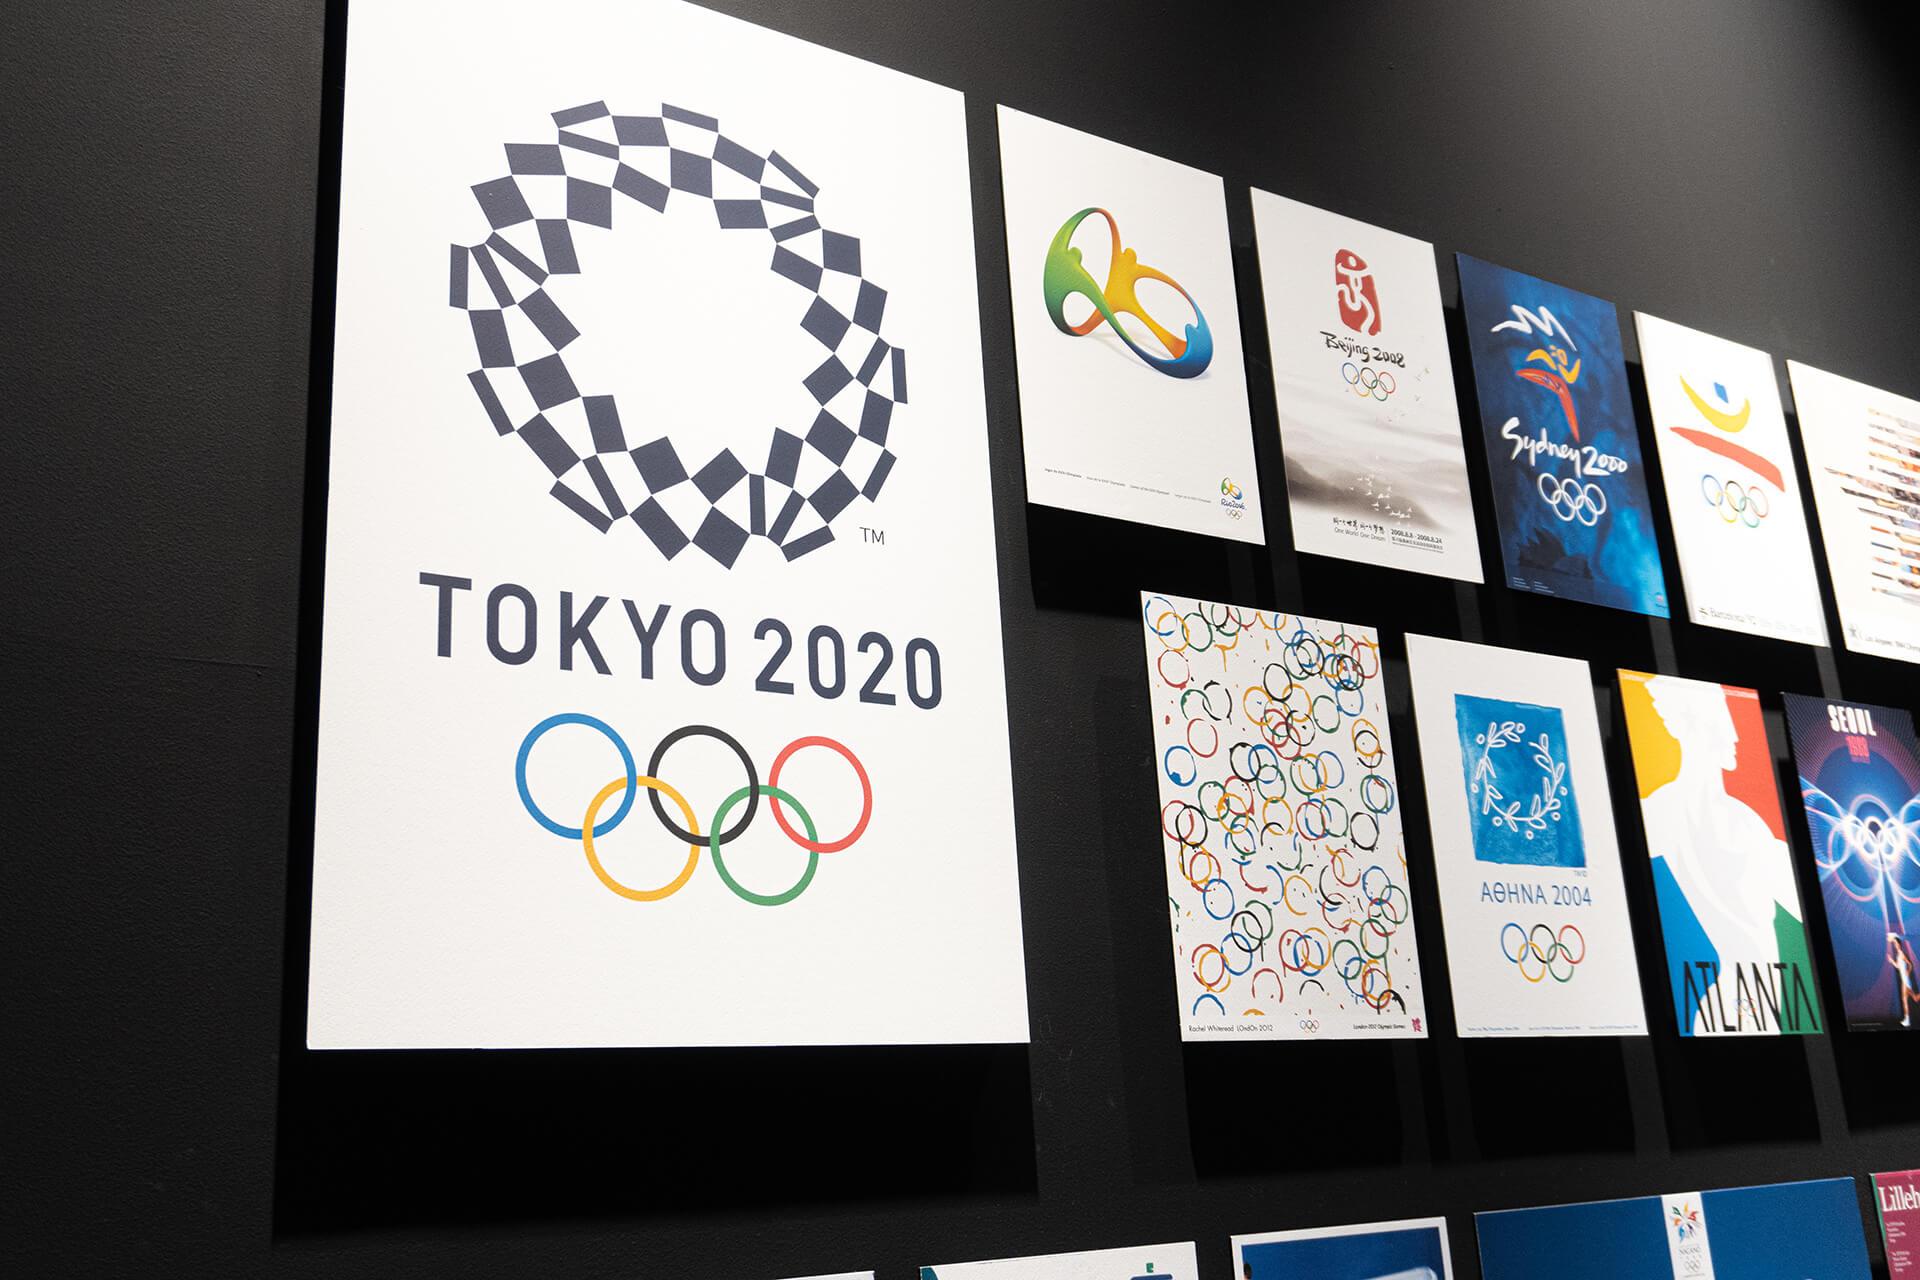 日本オリンピックミュージアムポスター